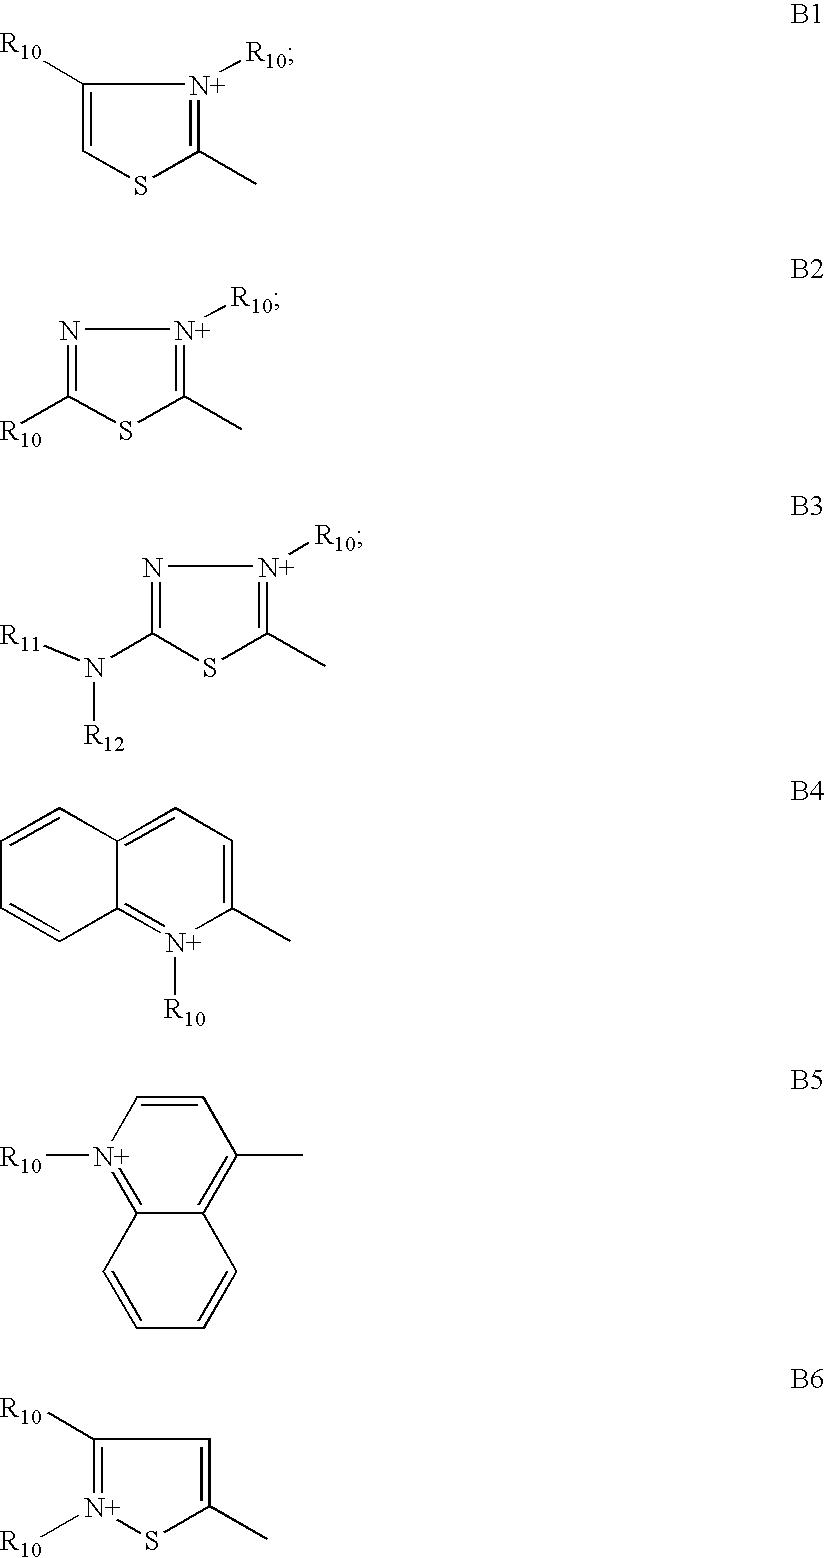 Figure US07947089-20110524-C00006